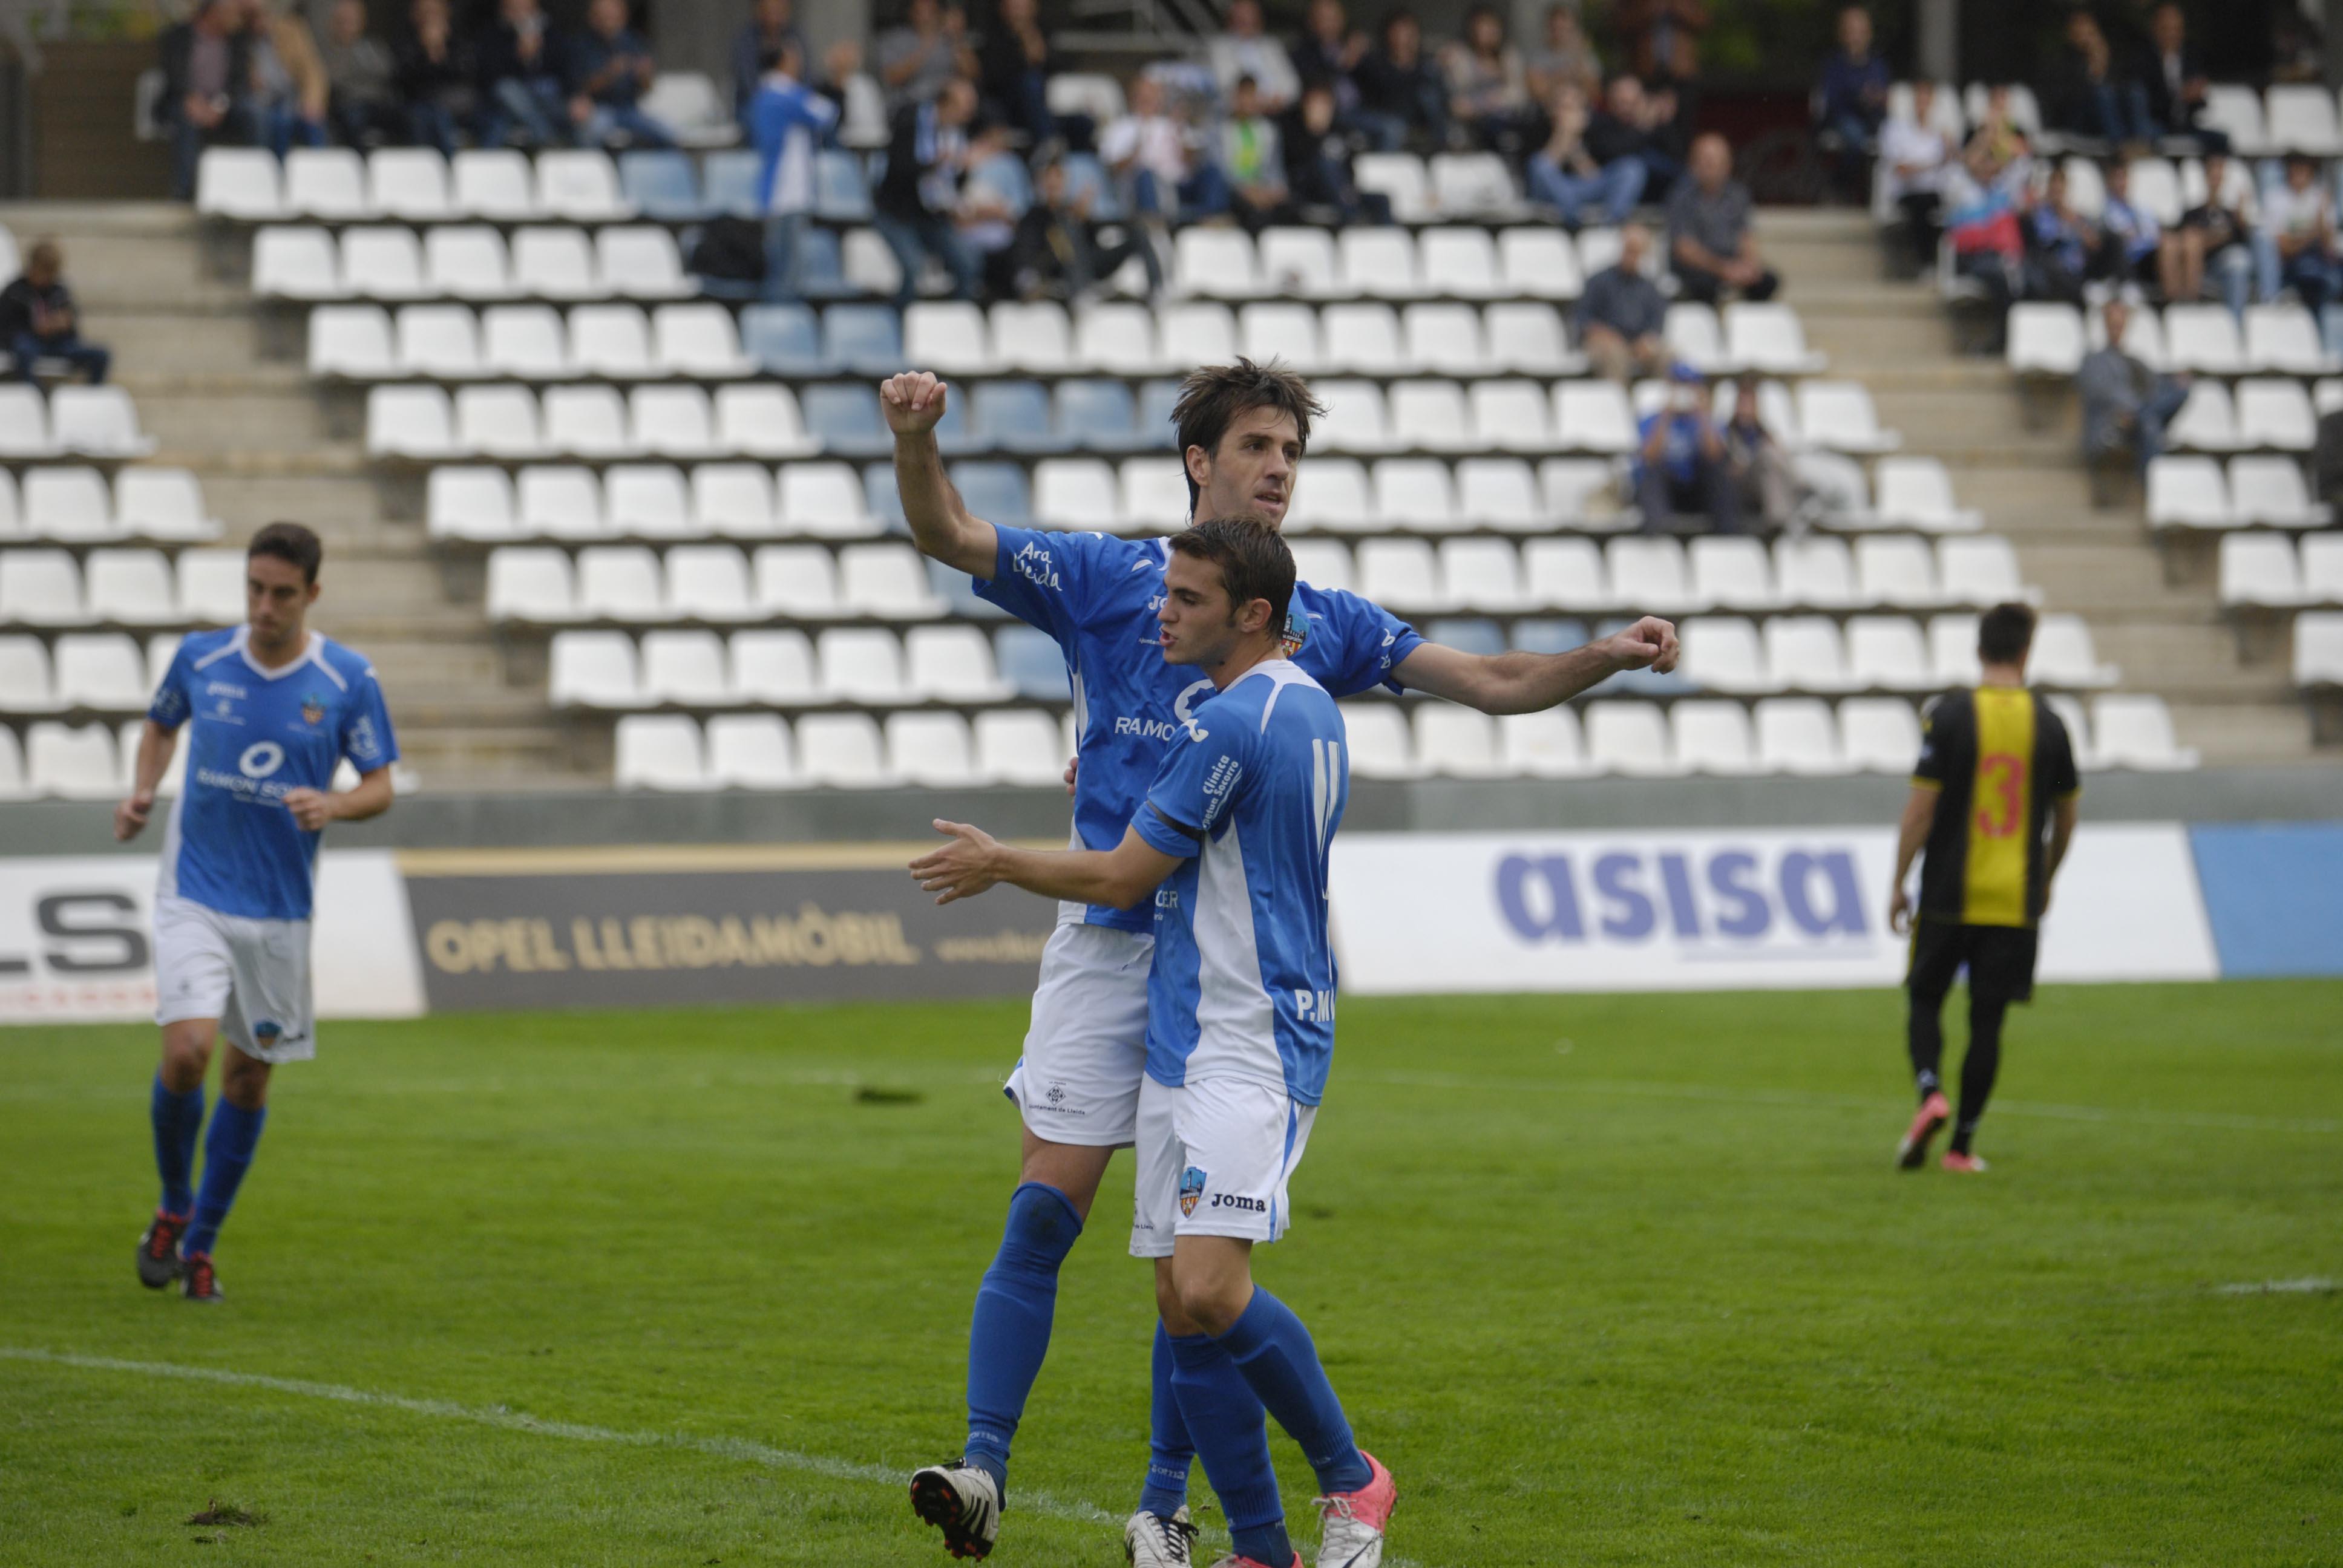 El filial zaragocista cae derrotado ante un buen Lleida